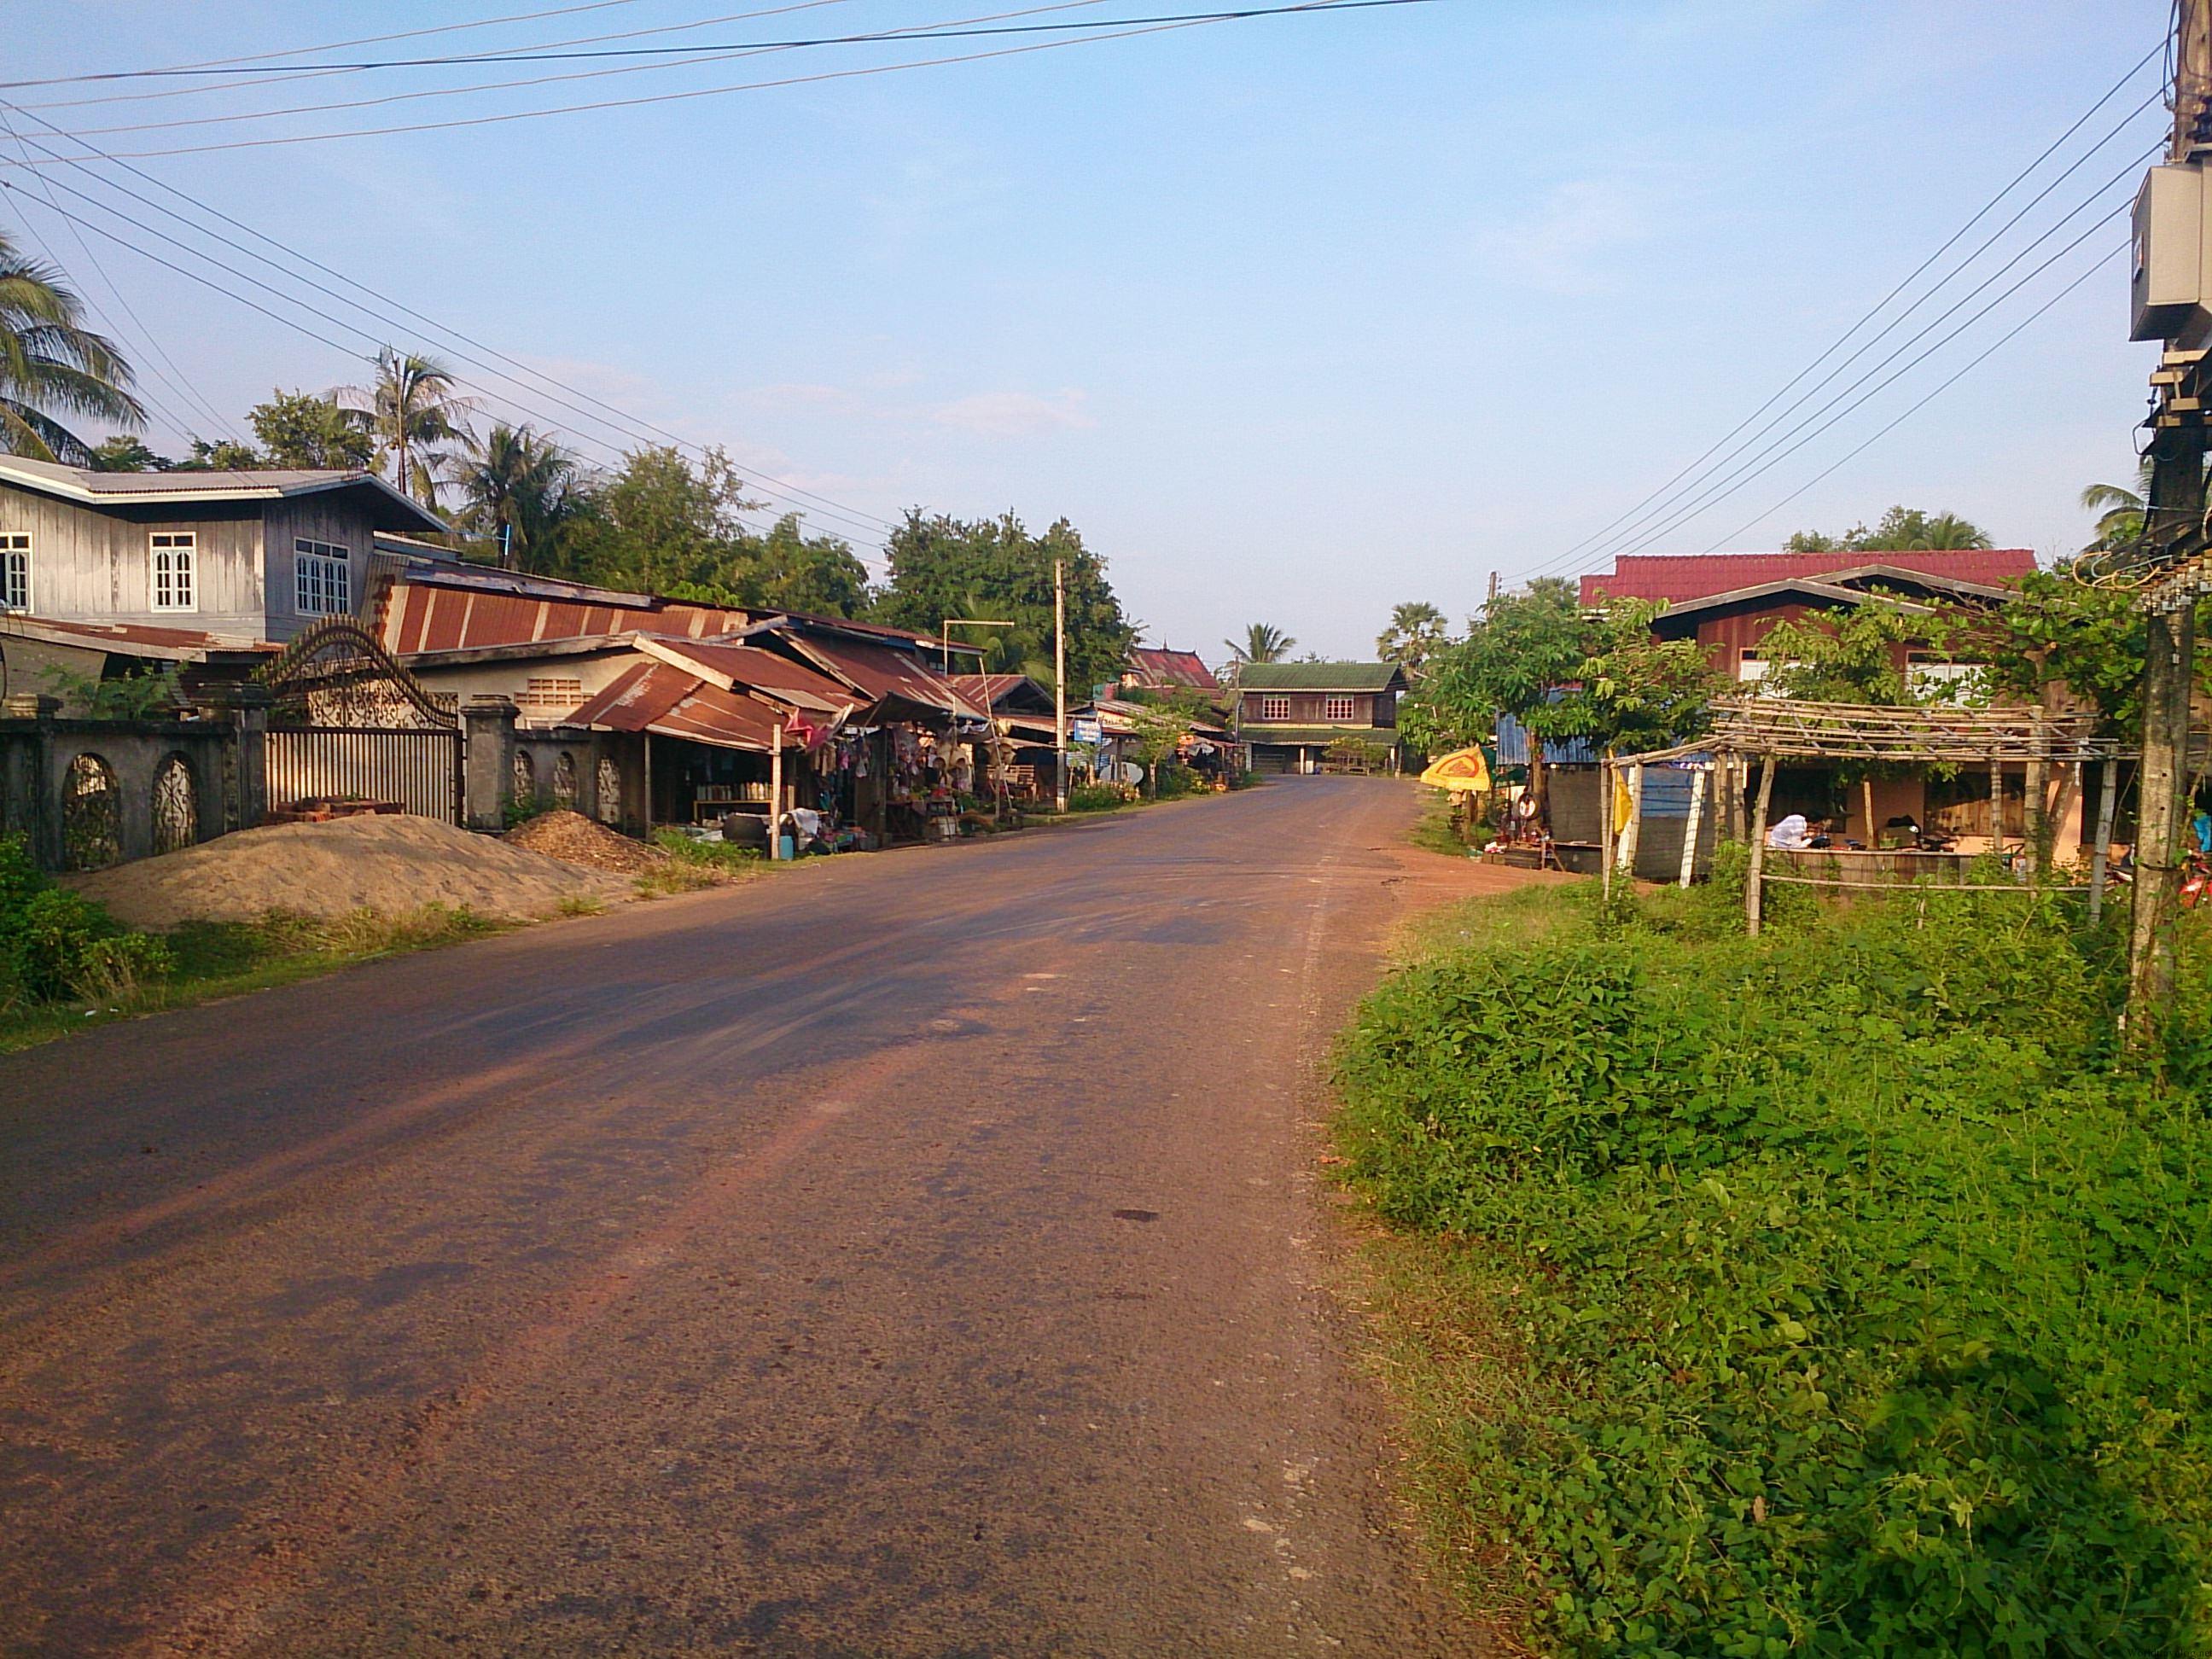 古都チャンパーサックの長閑な街並み